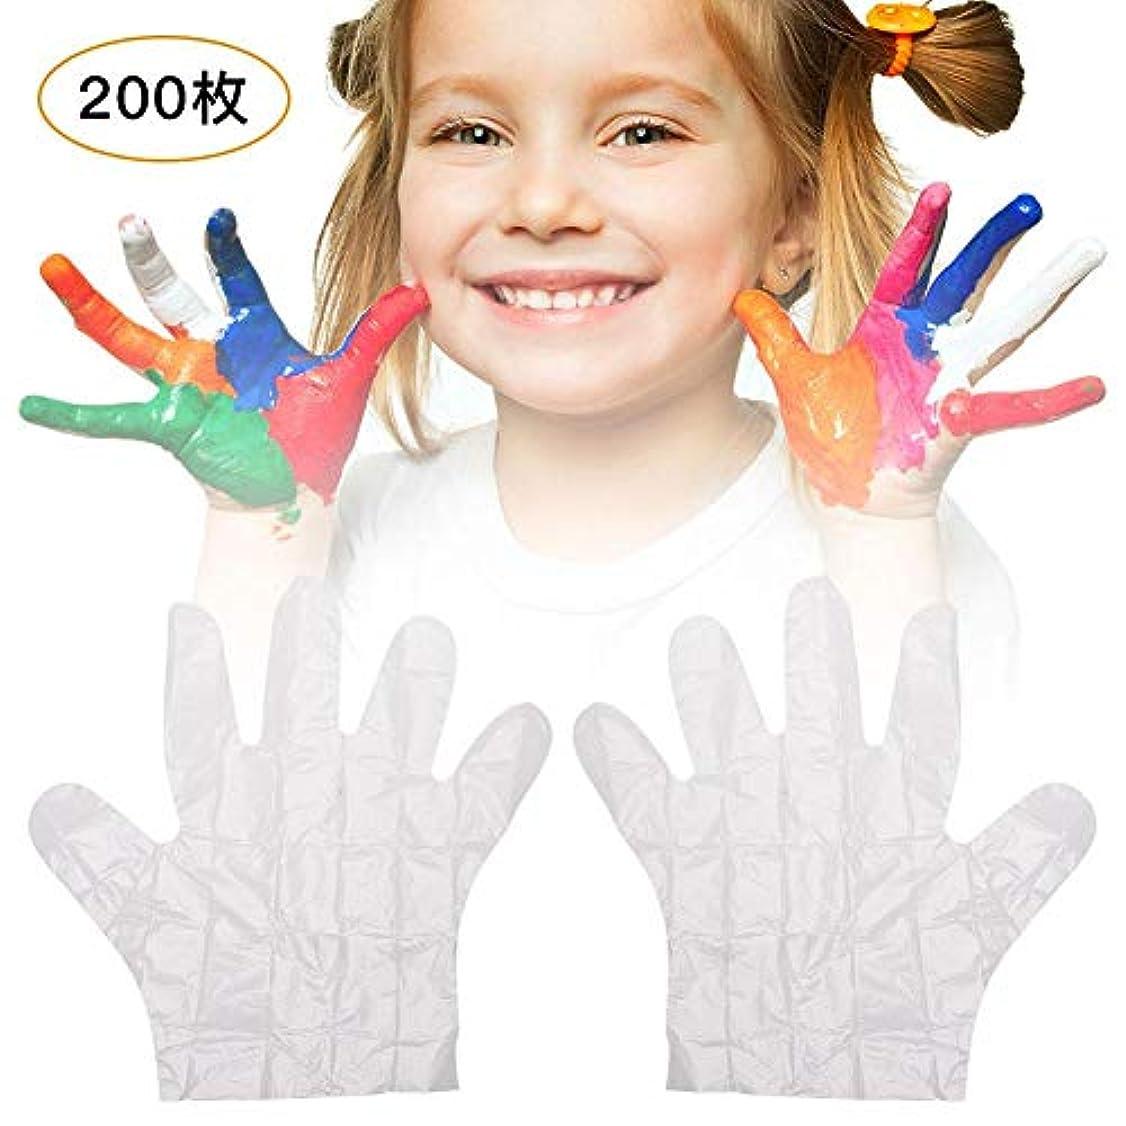 使い捨て手袋 子供用 極薄ビニール手袋 LUERME ポリエチレン 透明 実用 衛生 100枚/200枚セット 左右兼用